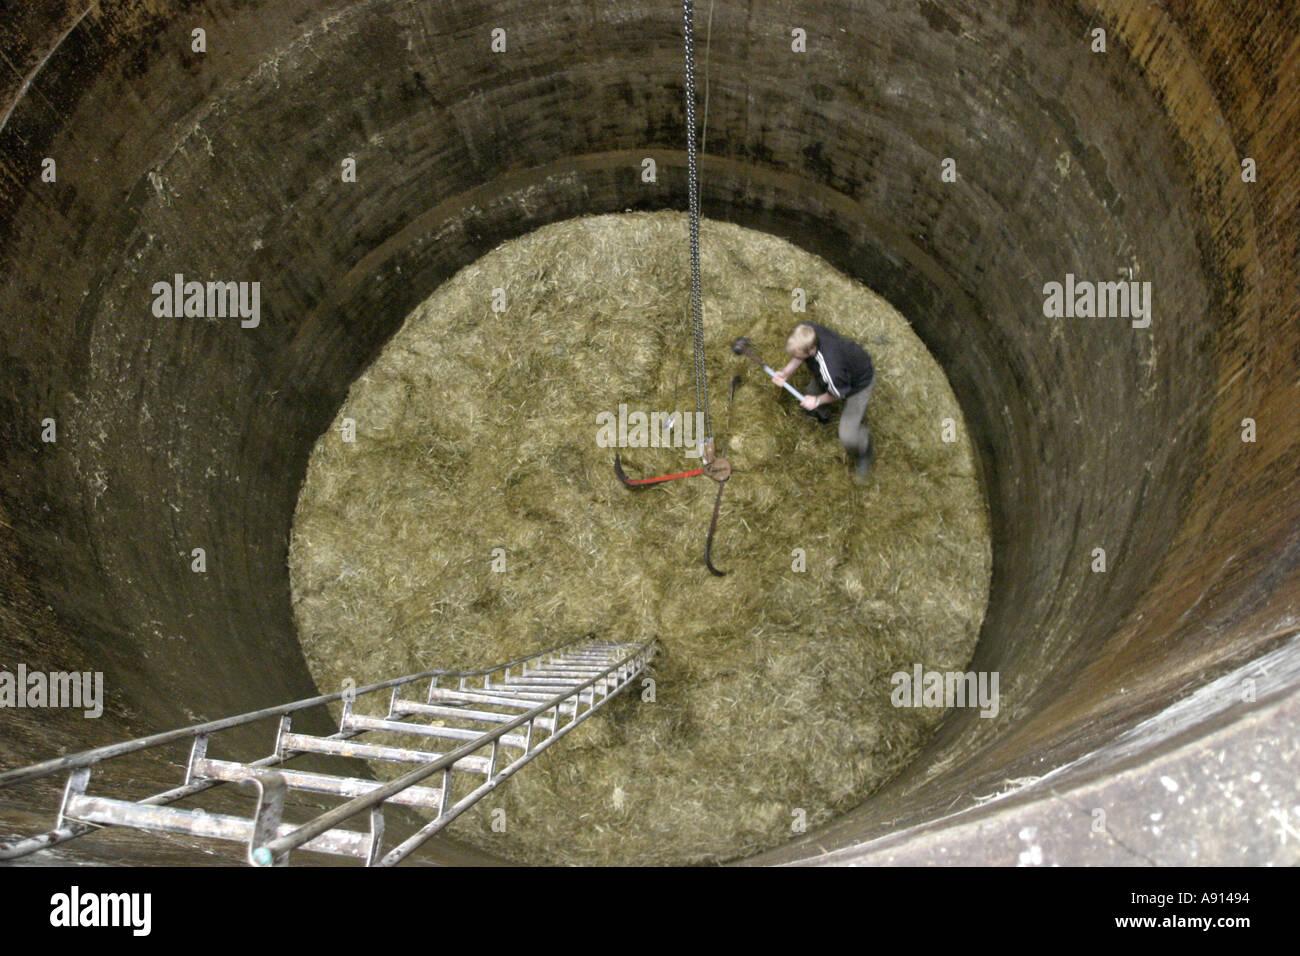 Hay Silo Interior Stockfotos & Hay Silo Interior Bilder - Alamy